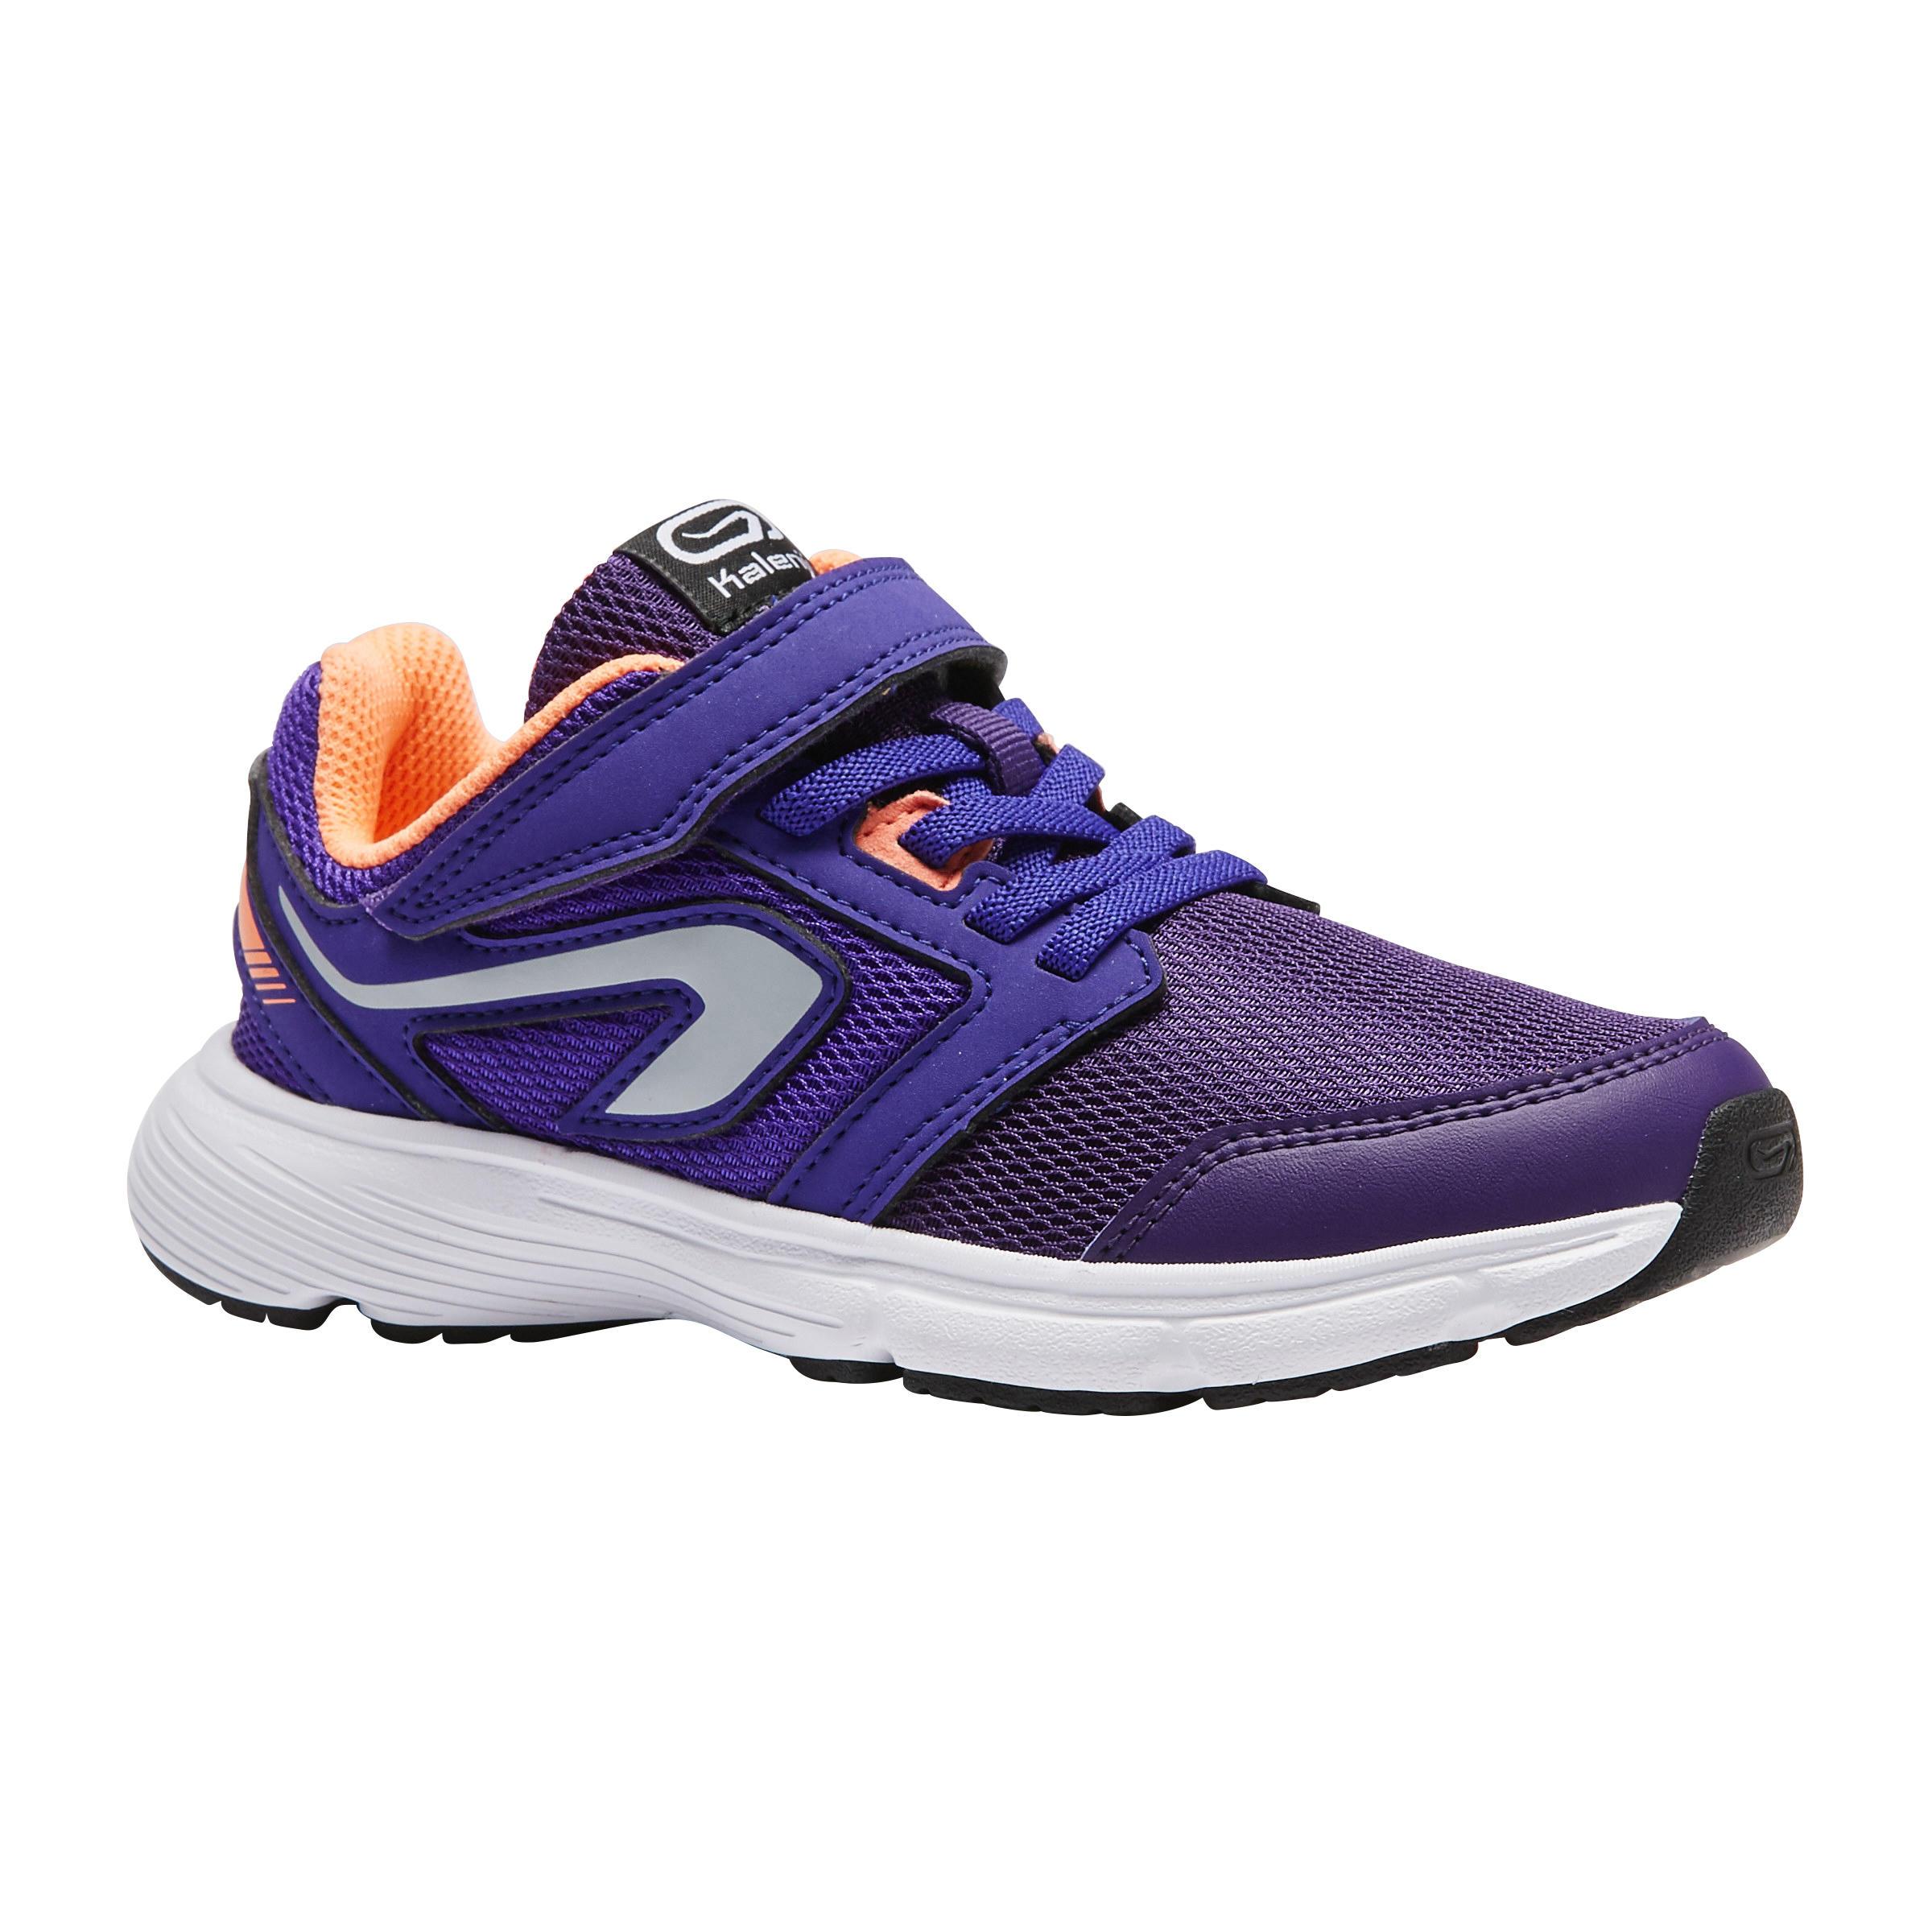 Jungen,Kinder,Kinder Laufschuhe Run Support Kinder Klettverschluss violett koralle | 03608429778134